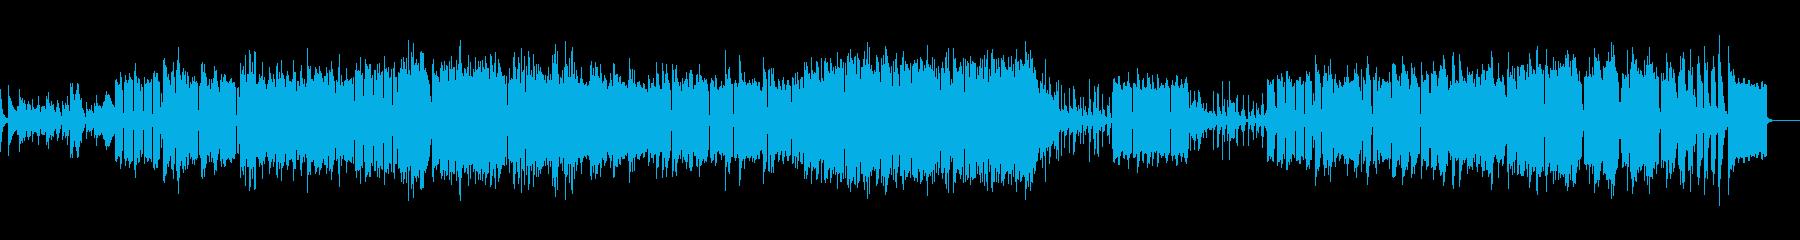 ギャンブラーに合いそうなBGMの再生済みの波形